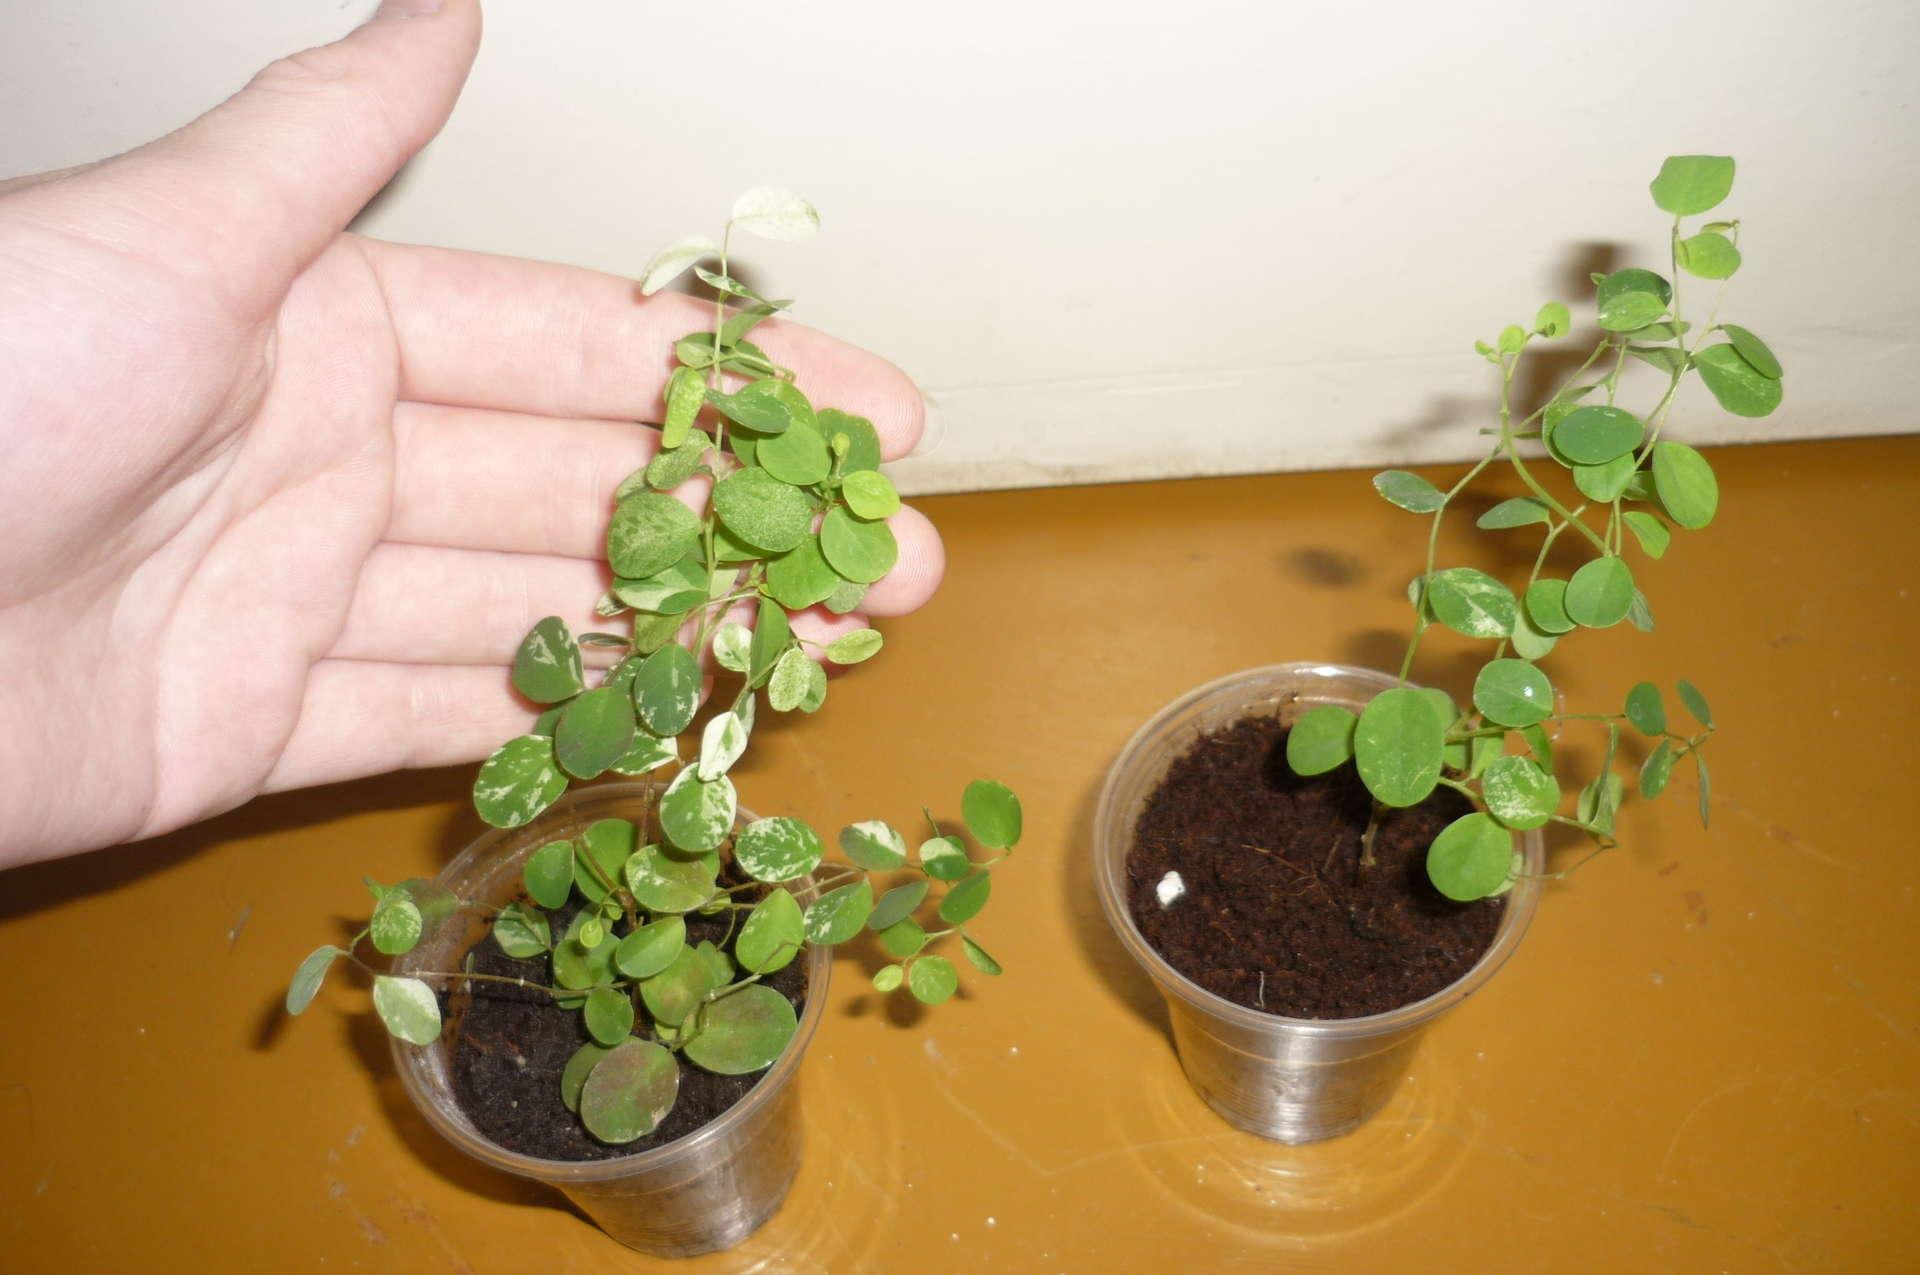 Бегония из семян в домашних условиях как самому вырастить 88